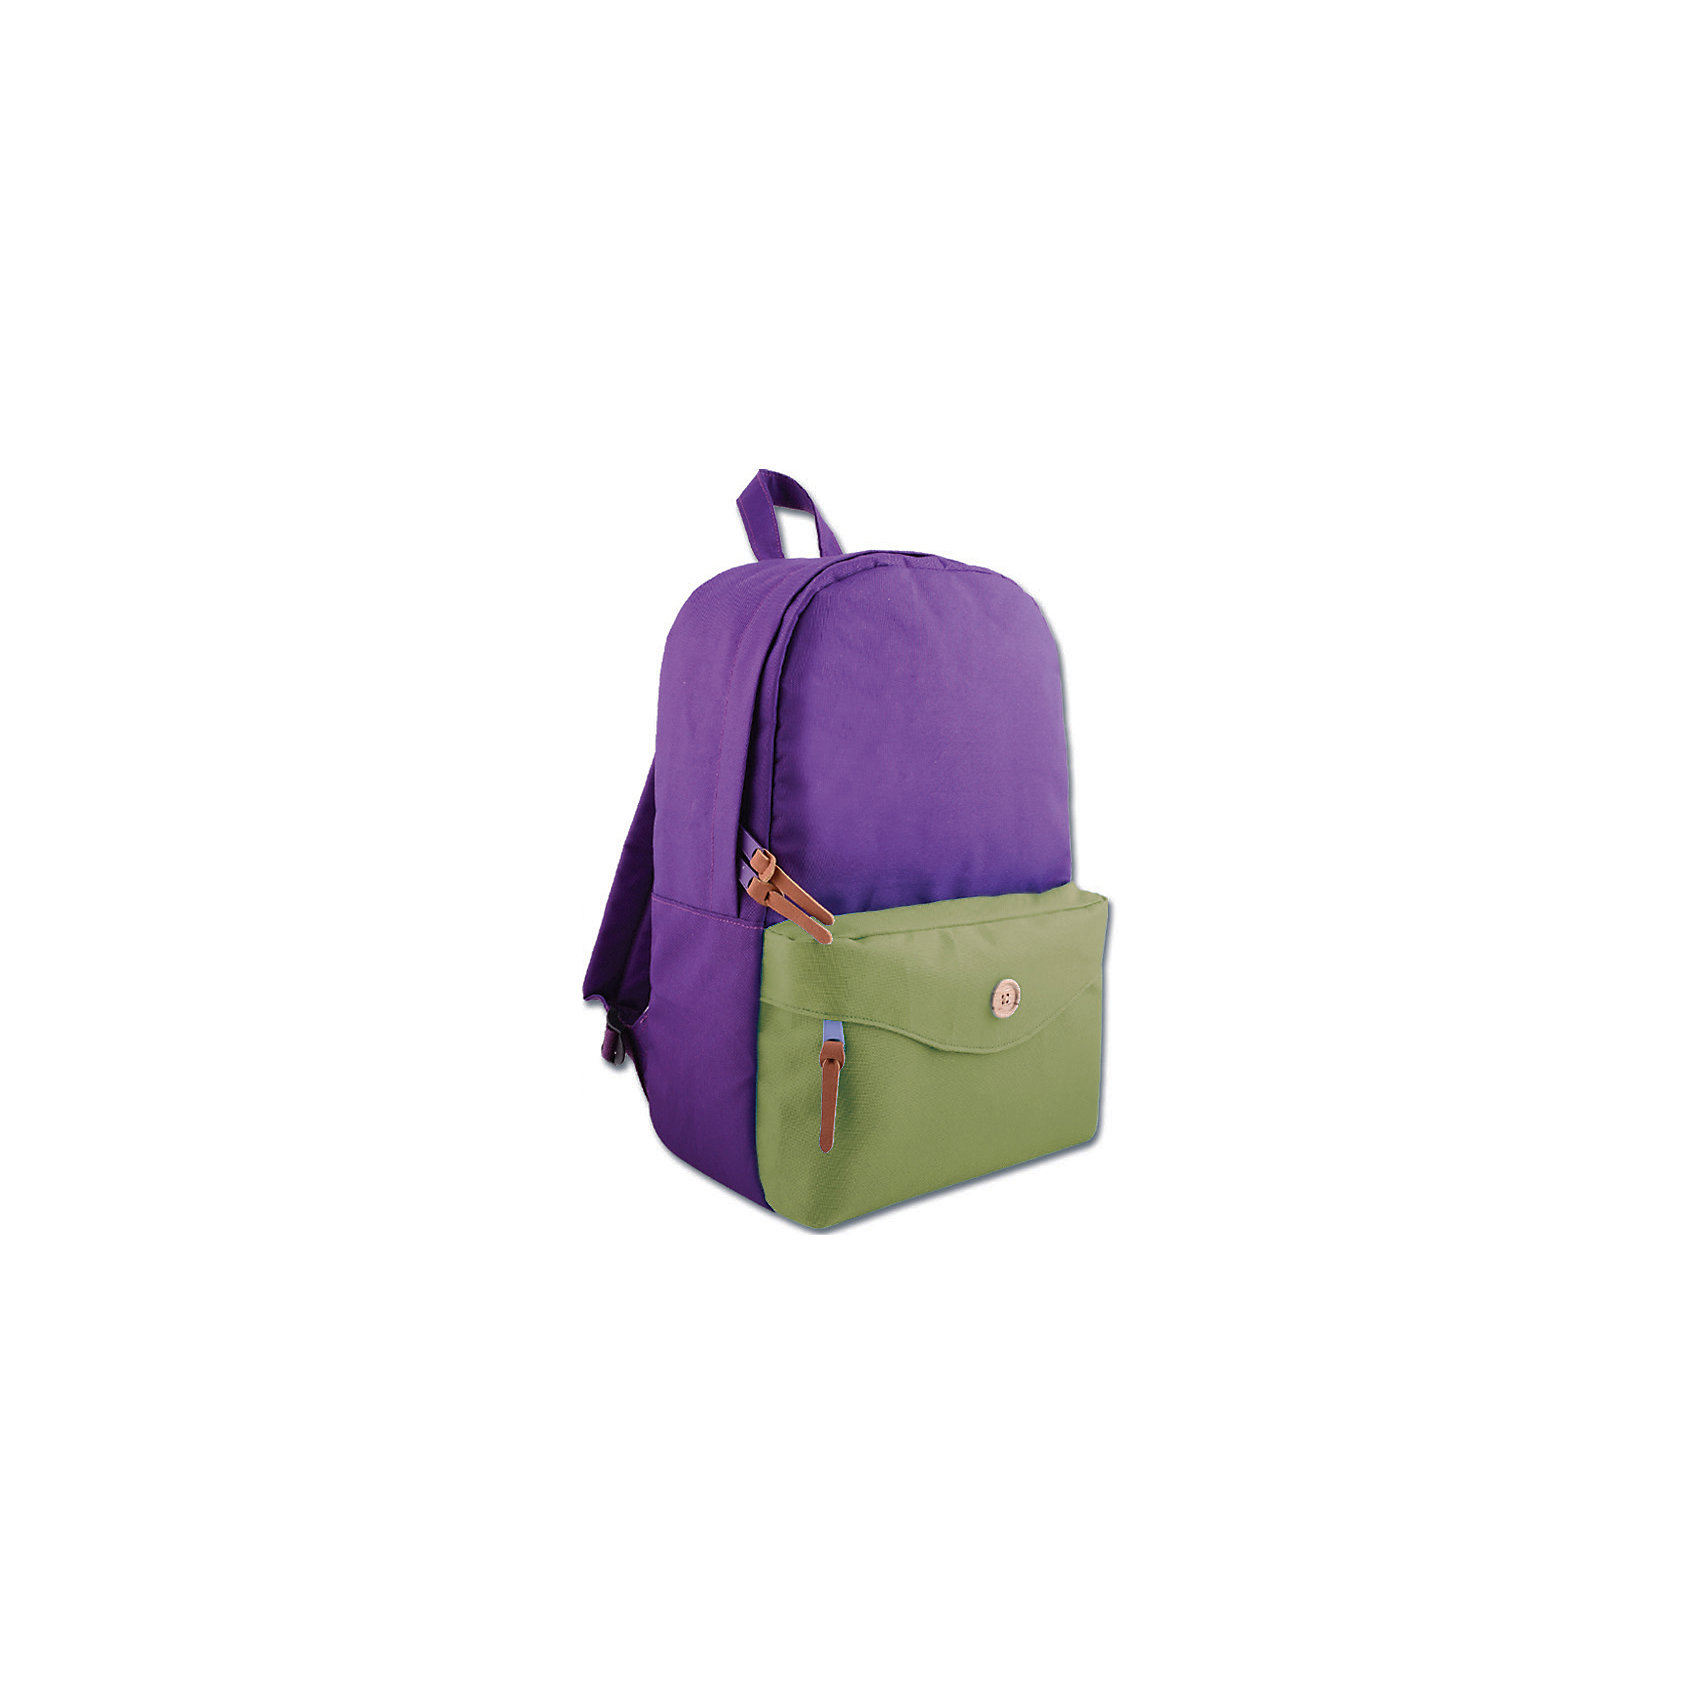 Рюкзак молодежный, фиолетовыйДорожные сумки и чемоданы<br>Яркий, вместительный рюкзак для молодежи. У рюкзака одно большое отделение на молнии и дополнительный накладной карман, лямки регулируются.<br><br>Дополнительная информация:<br><br>- Возраст: от 10 лет.<br>- Цвет: фиолетовый.<br>- Материал: 100% полиэстер.<br>- Размер упаковки: 42х28х11 см.<br>- Вес в упаковке: 325 г.<br><br>Купить молодежный рюкзак в фиолетовом цвете, можно в нашем магазине.<br><br>Ширина мм: 420<br>Глубина мм: 280<br>Высота мм: 110<br>Вес г: 325<br>Возраст от месяцев: 72<br>Возраст до месяцев: 2147483647<br>Пол: Унисекс<br>Возраст: Детский<br>SKU: 4943433